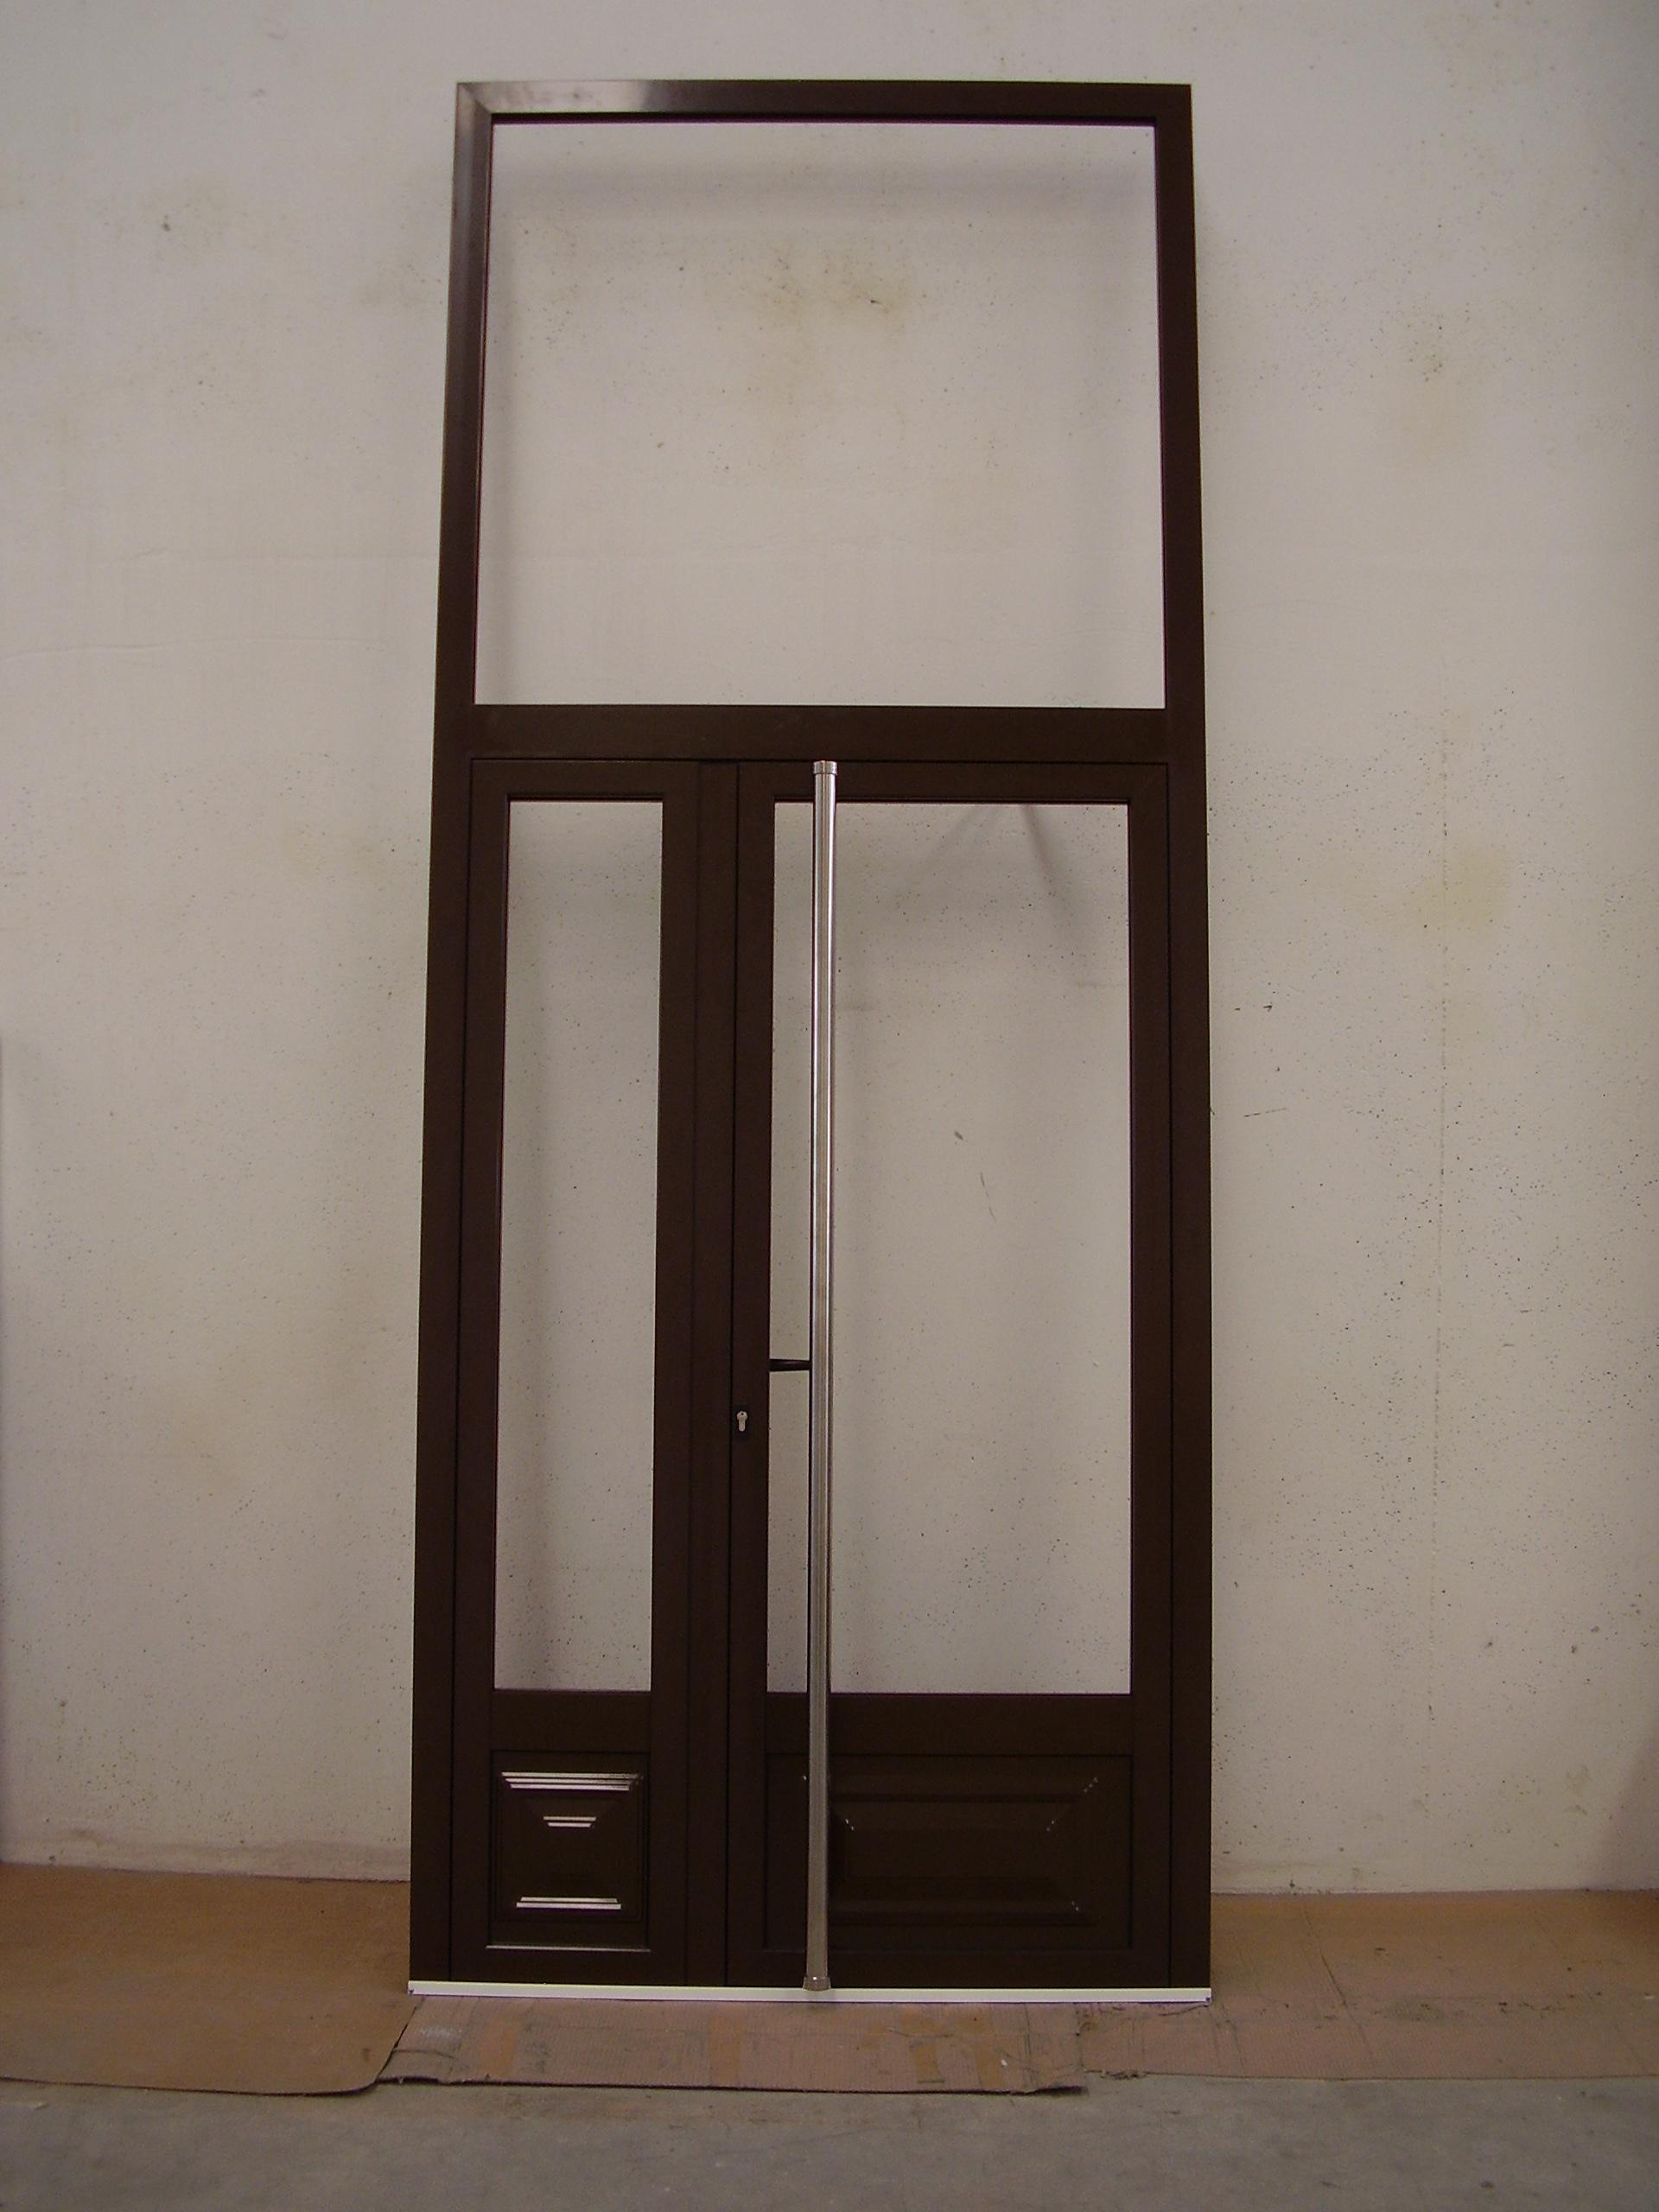 Puerta edificio 2 hojas con fijo superior y entrepaños inferiores